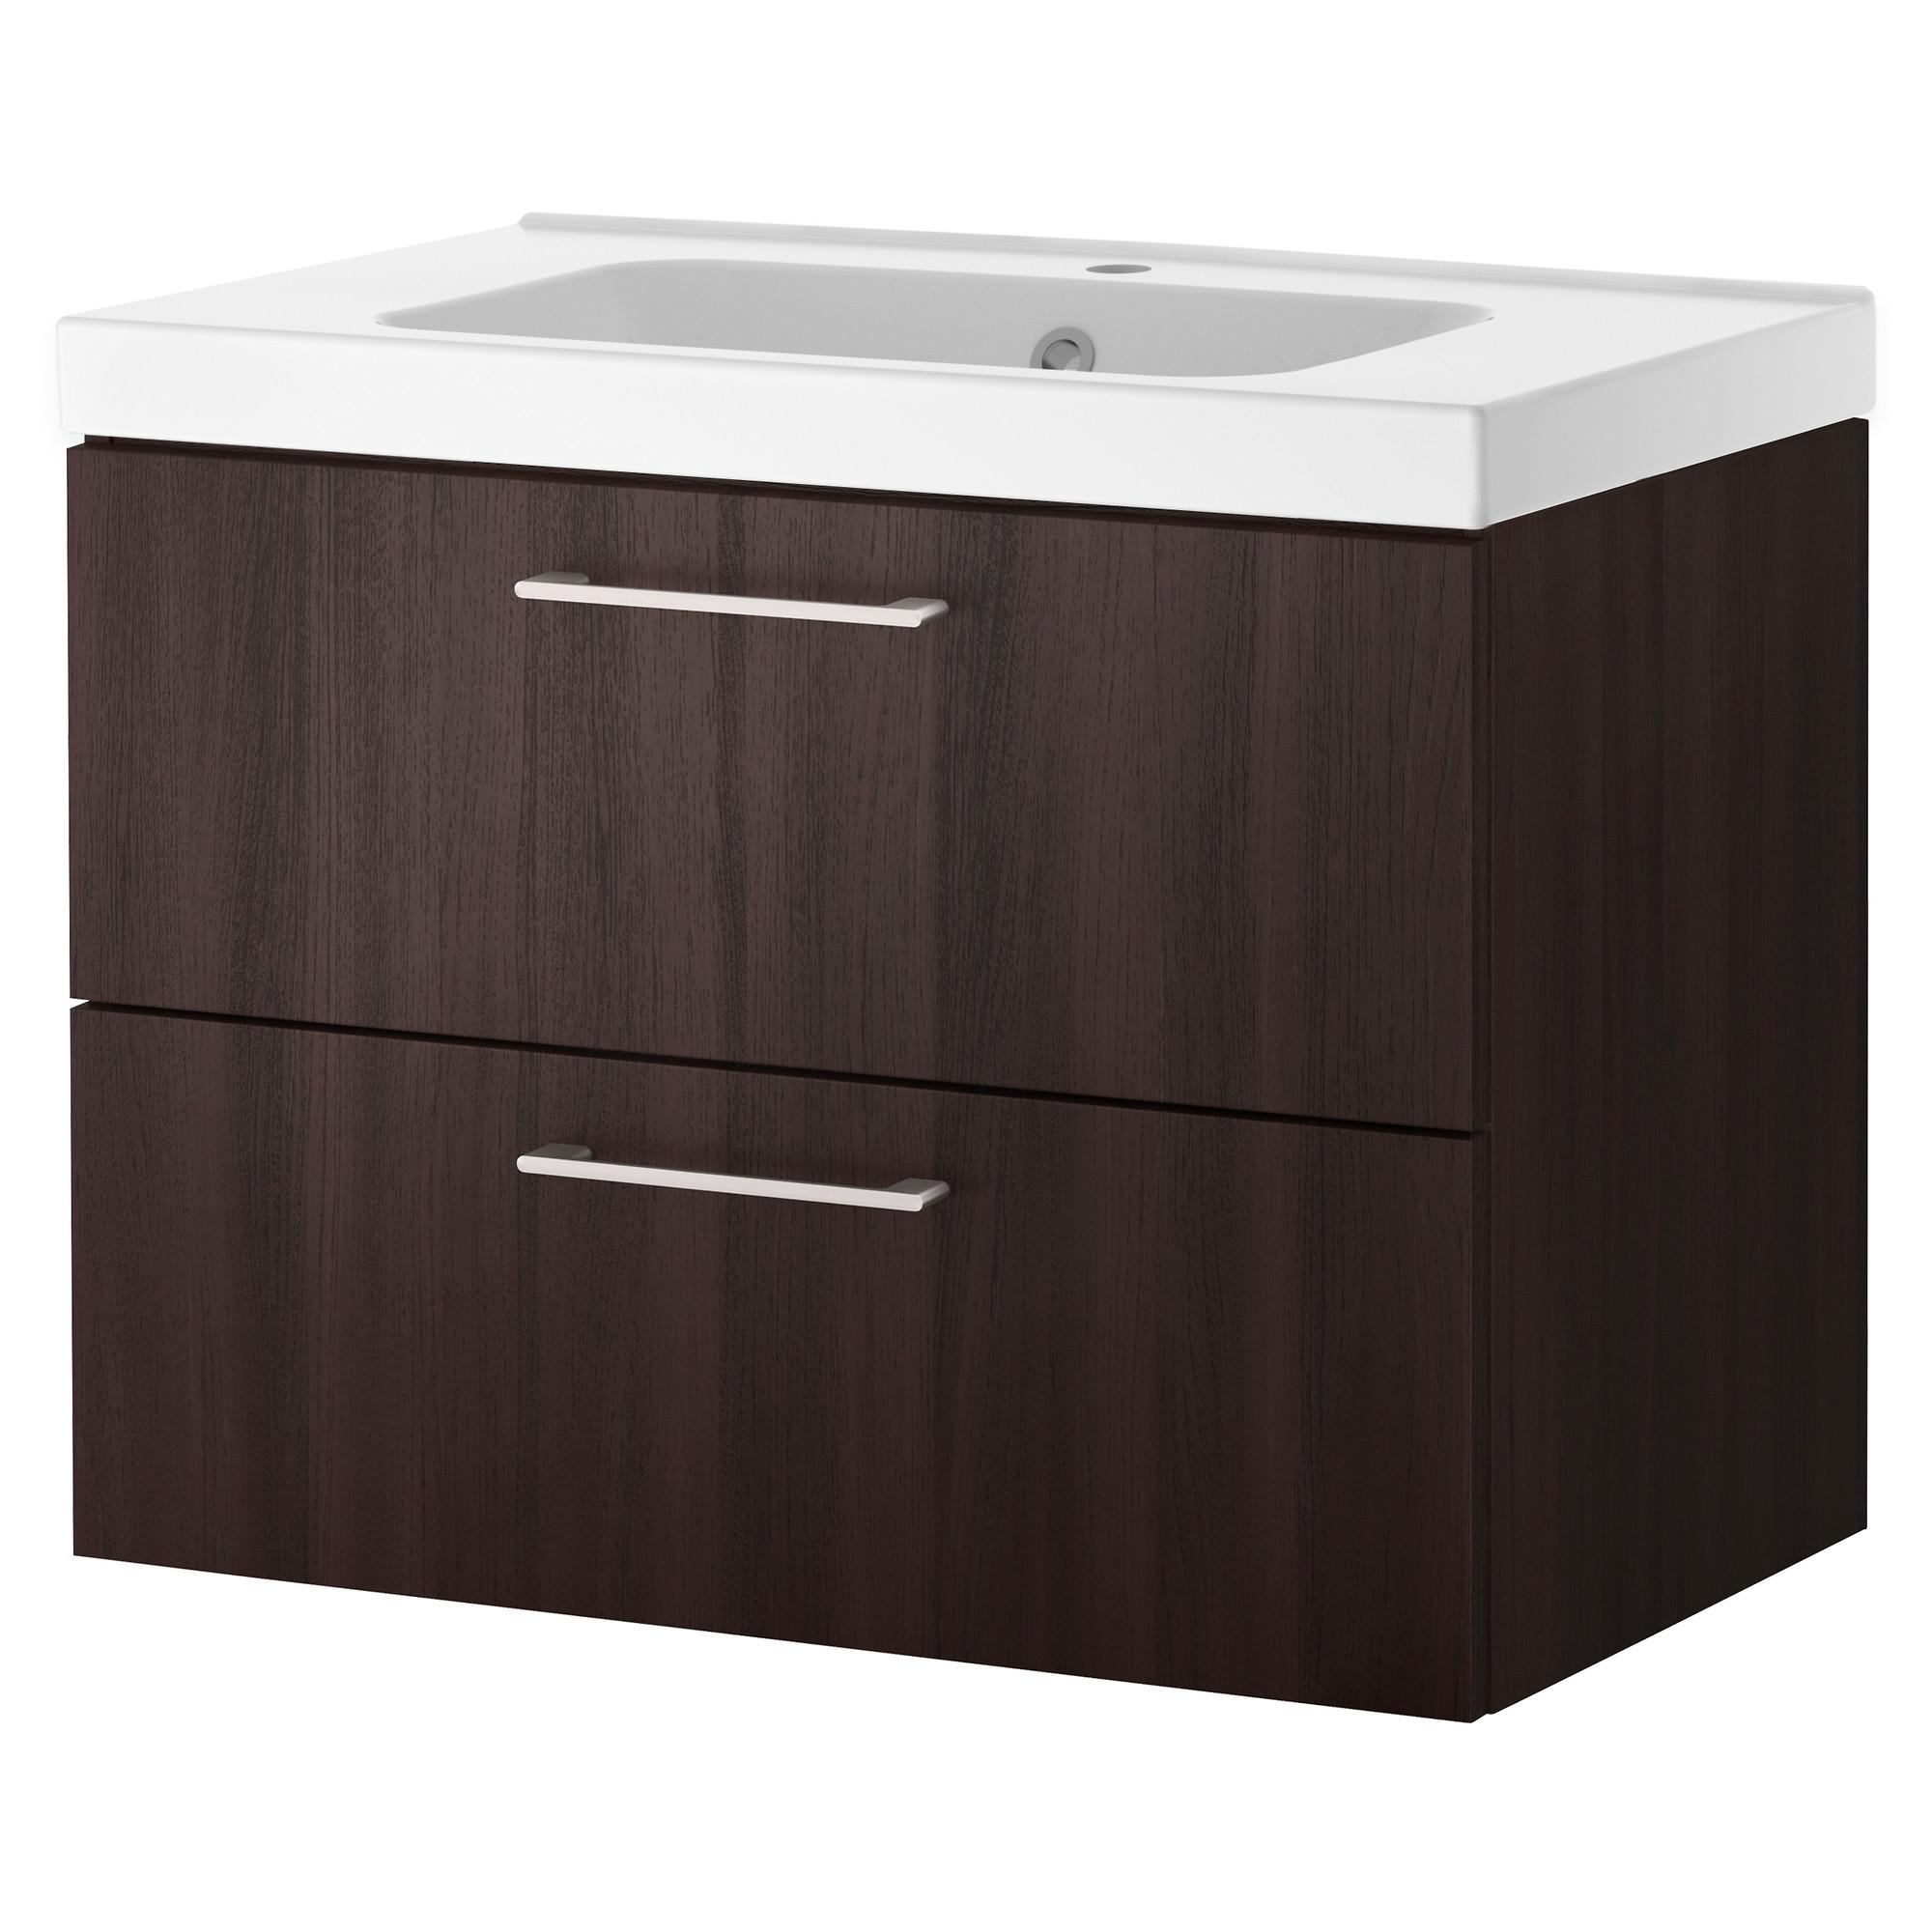 Godmorgon odensvik armario lavabo 2 cajones 60cm - Armario lavabo ikea ...